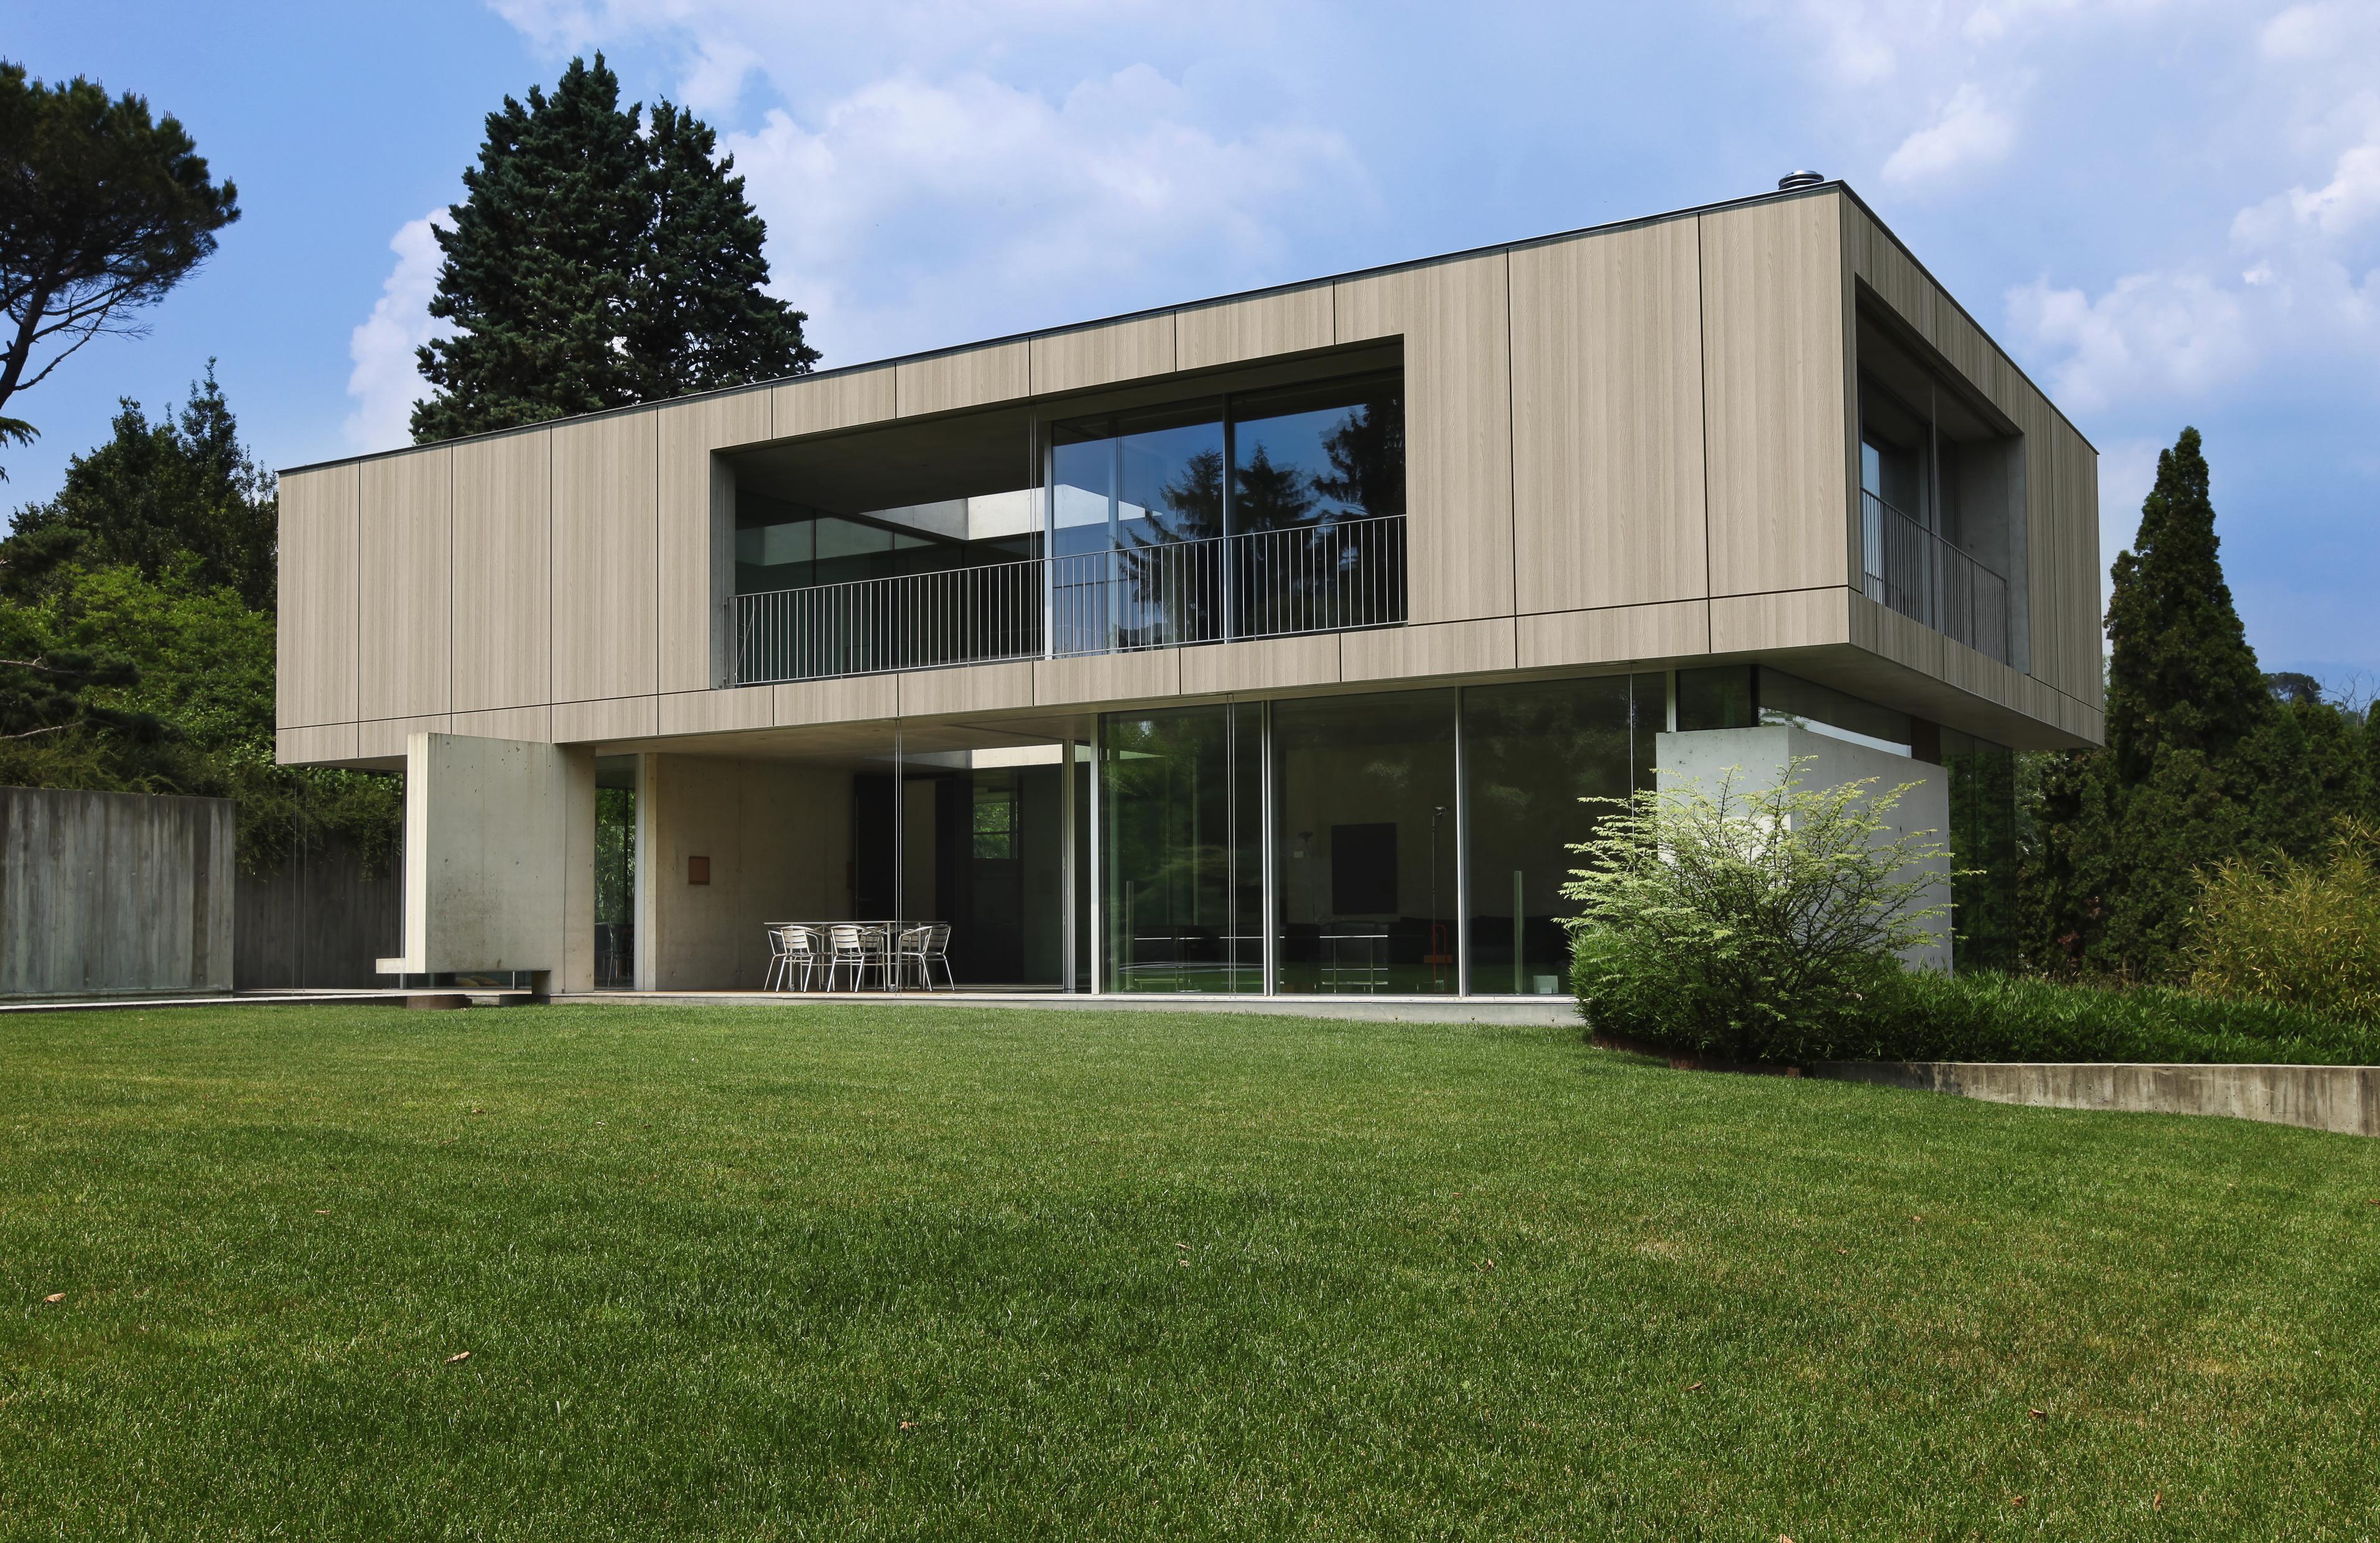 la gamme trespa meteon s 39 enrichit de d cors gris s. Black Bedroom Furniture Sets. Home Design Ideas